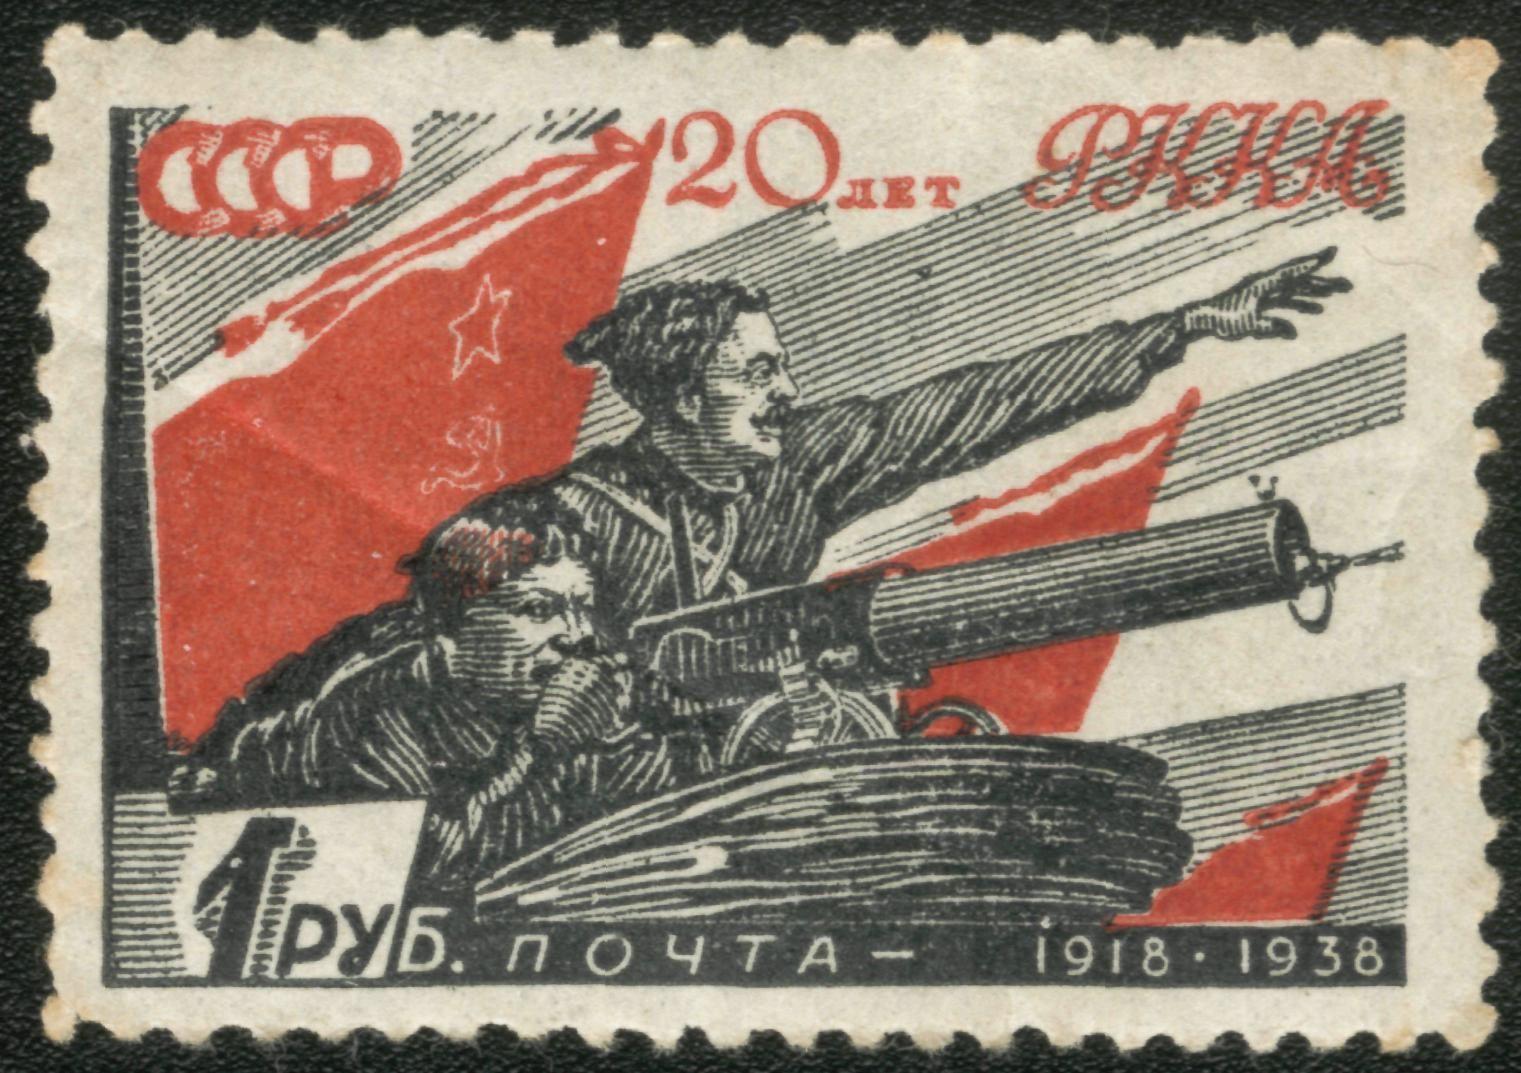 Timbre soviétique de 1938 représentant Vassili Tchapaïev.